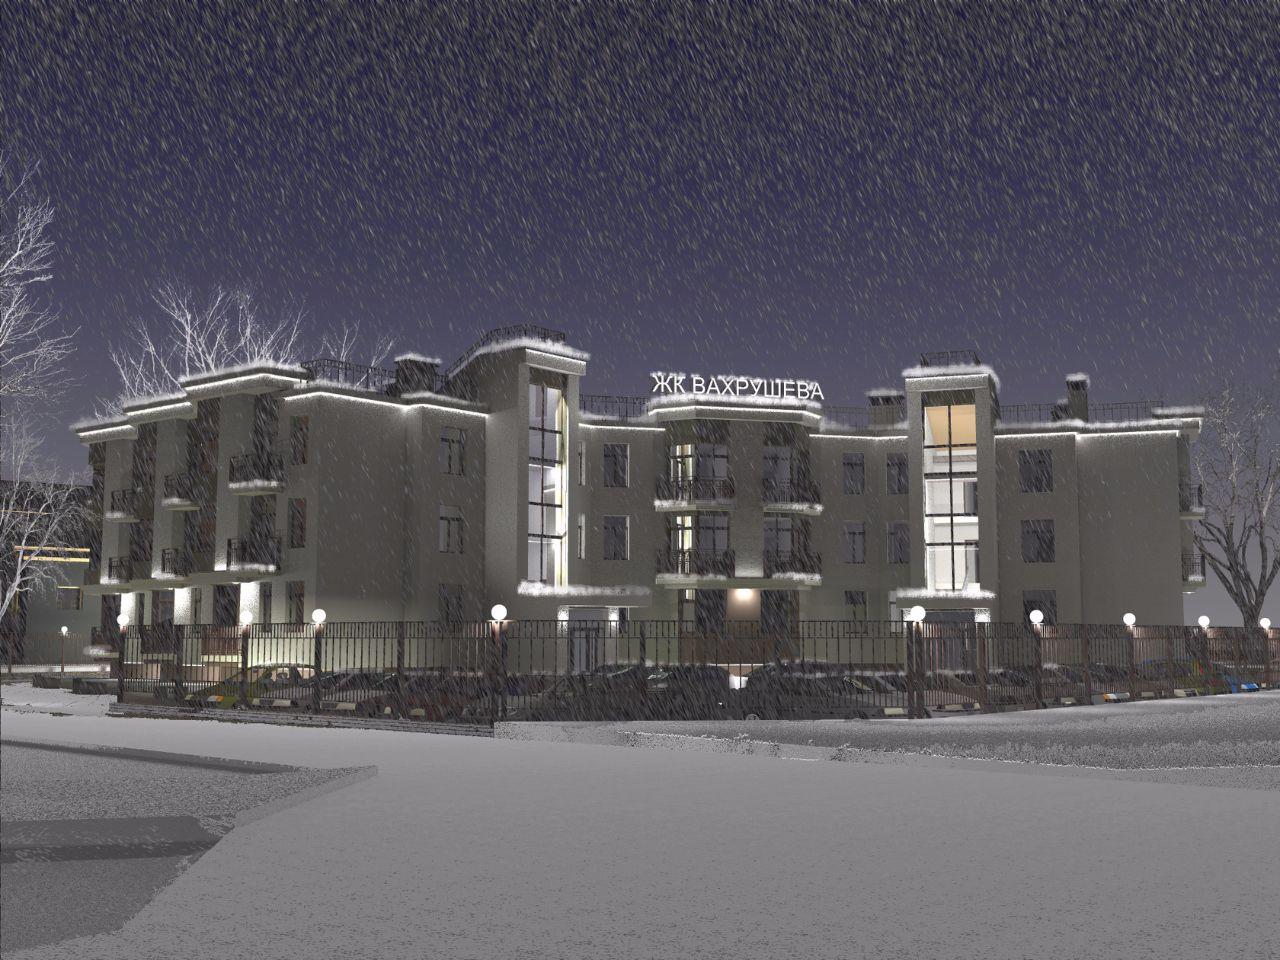 жилой комплекс Вахрушева